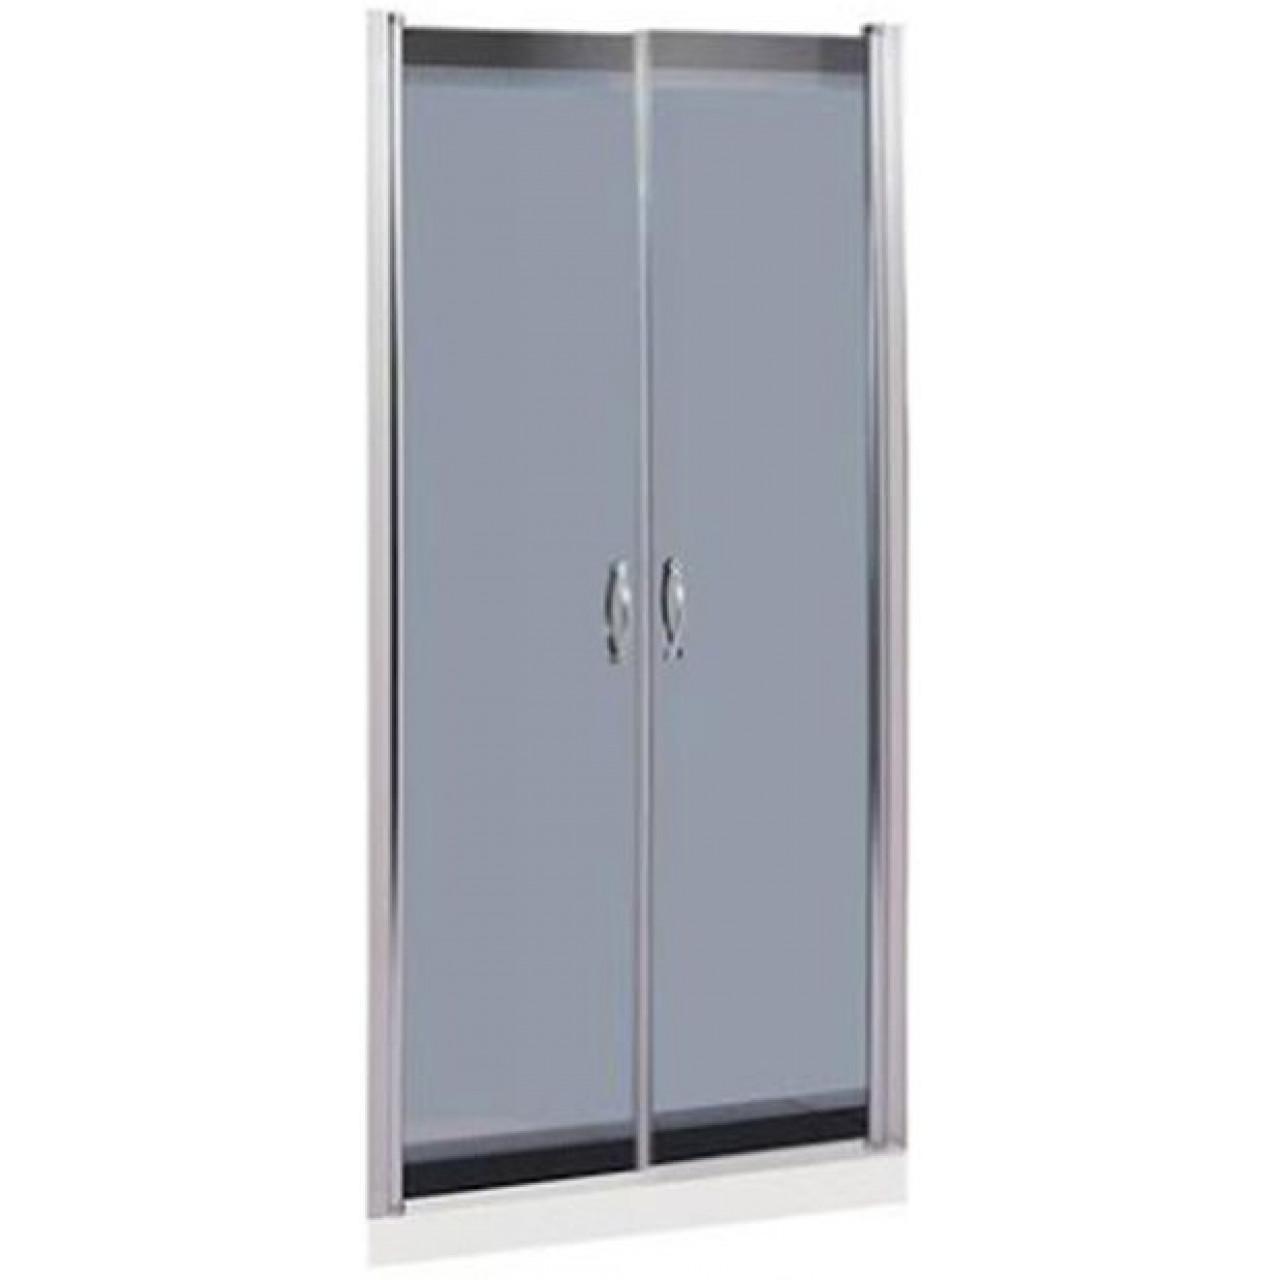 Дверь для душа River SUEZ 110 TH купить в Москве по цене от 10100р. в интернет-магазине mebel-v-vannu.ru